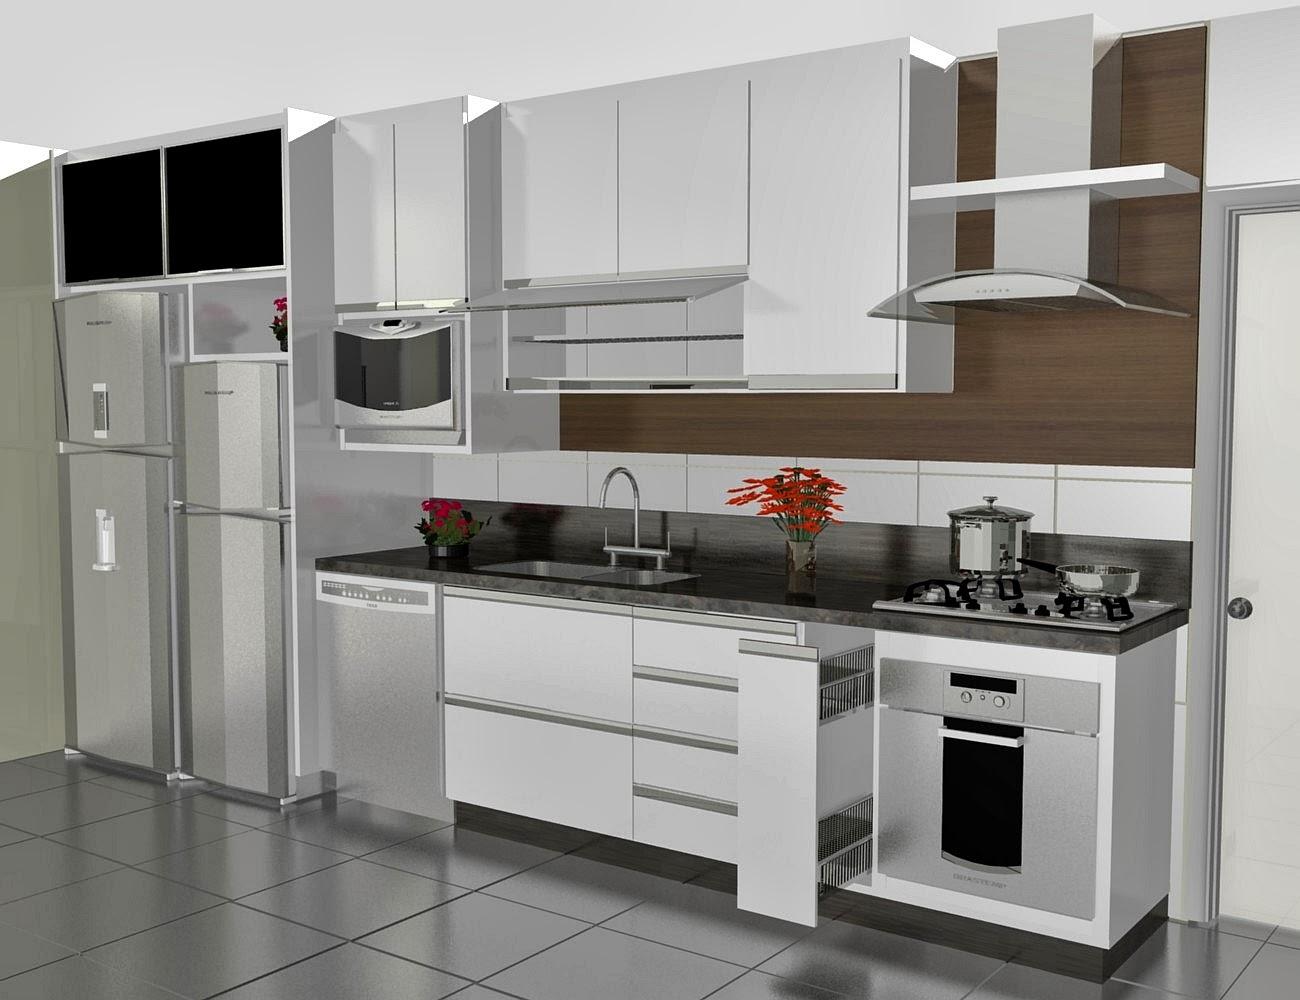 armario cozinha #5F4A39 1300 1000